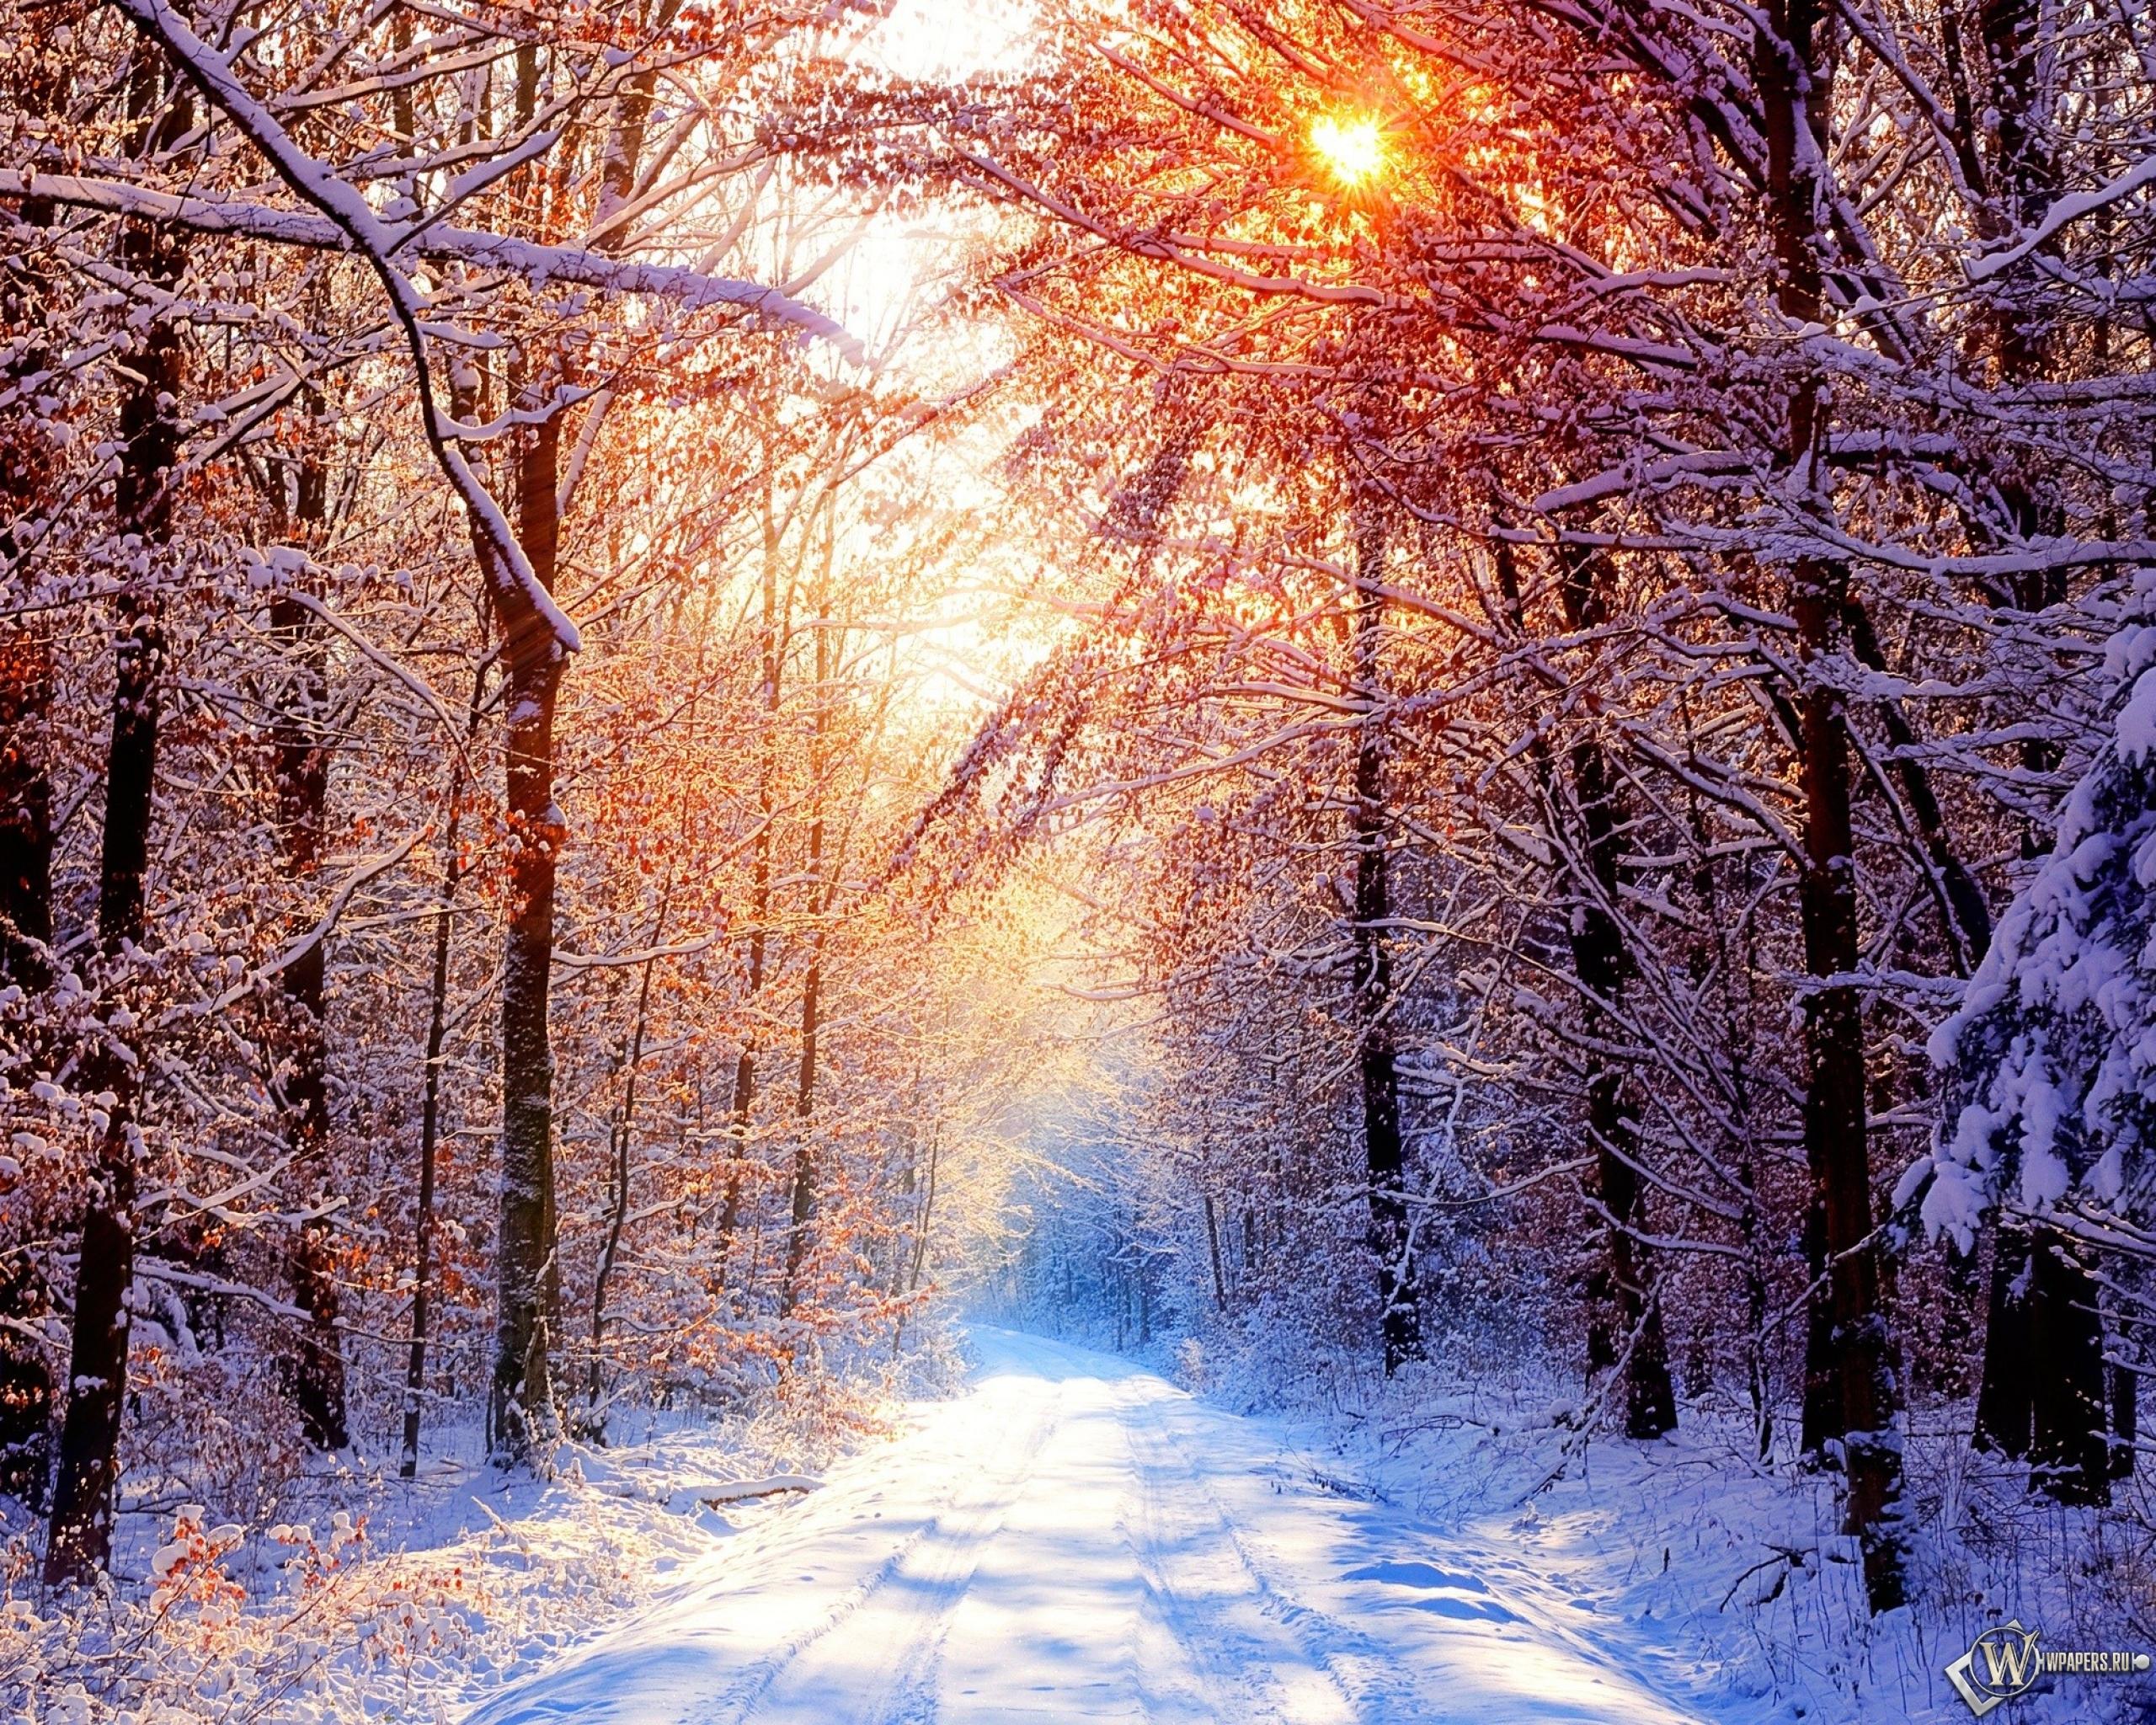 Зима снег лес деревья солнце 2560x2048